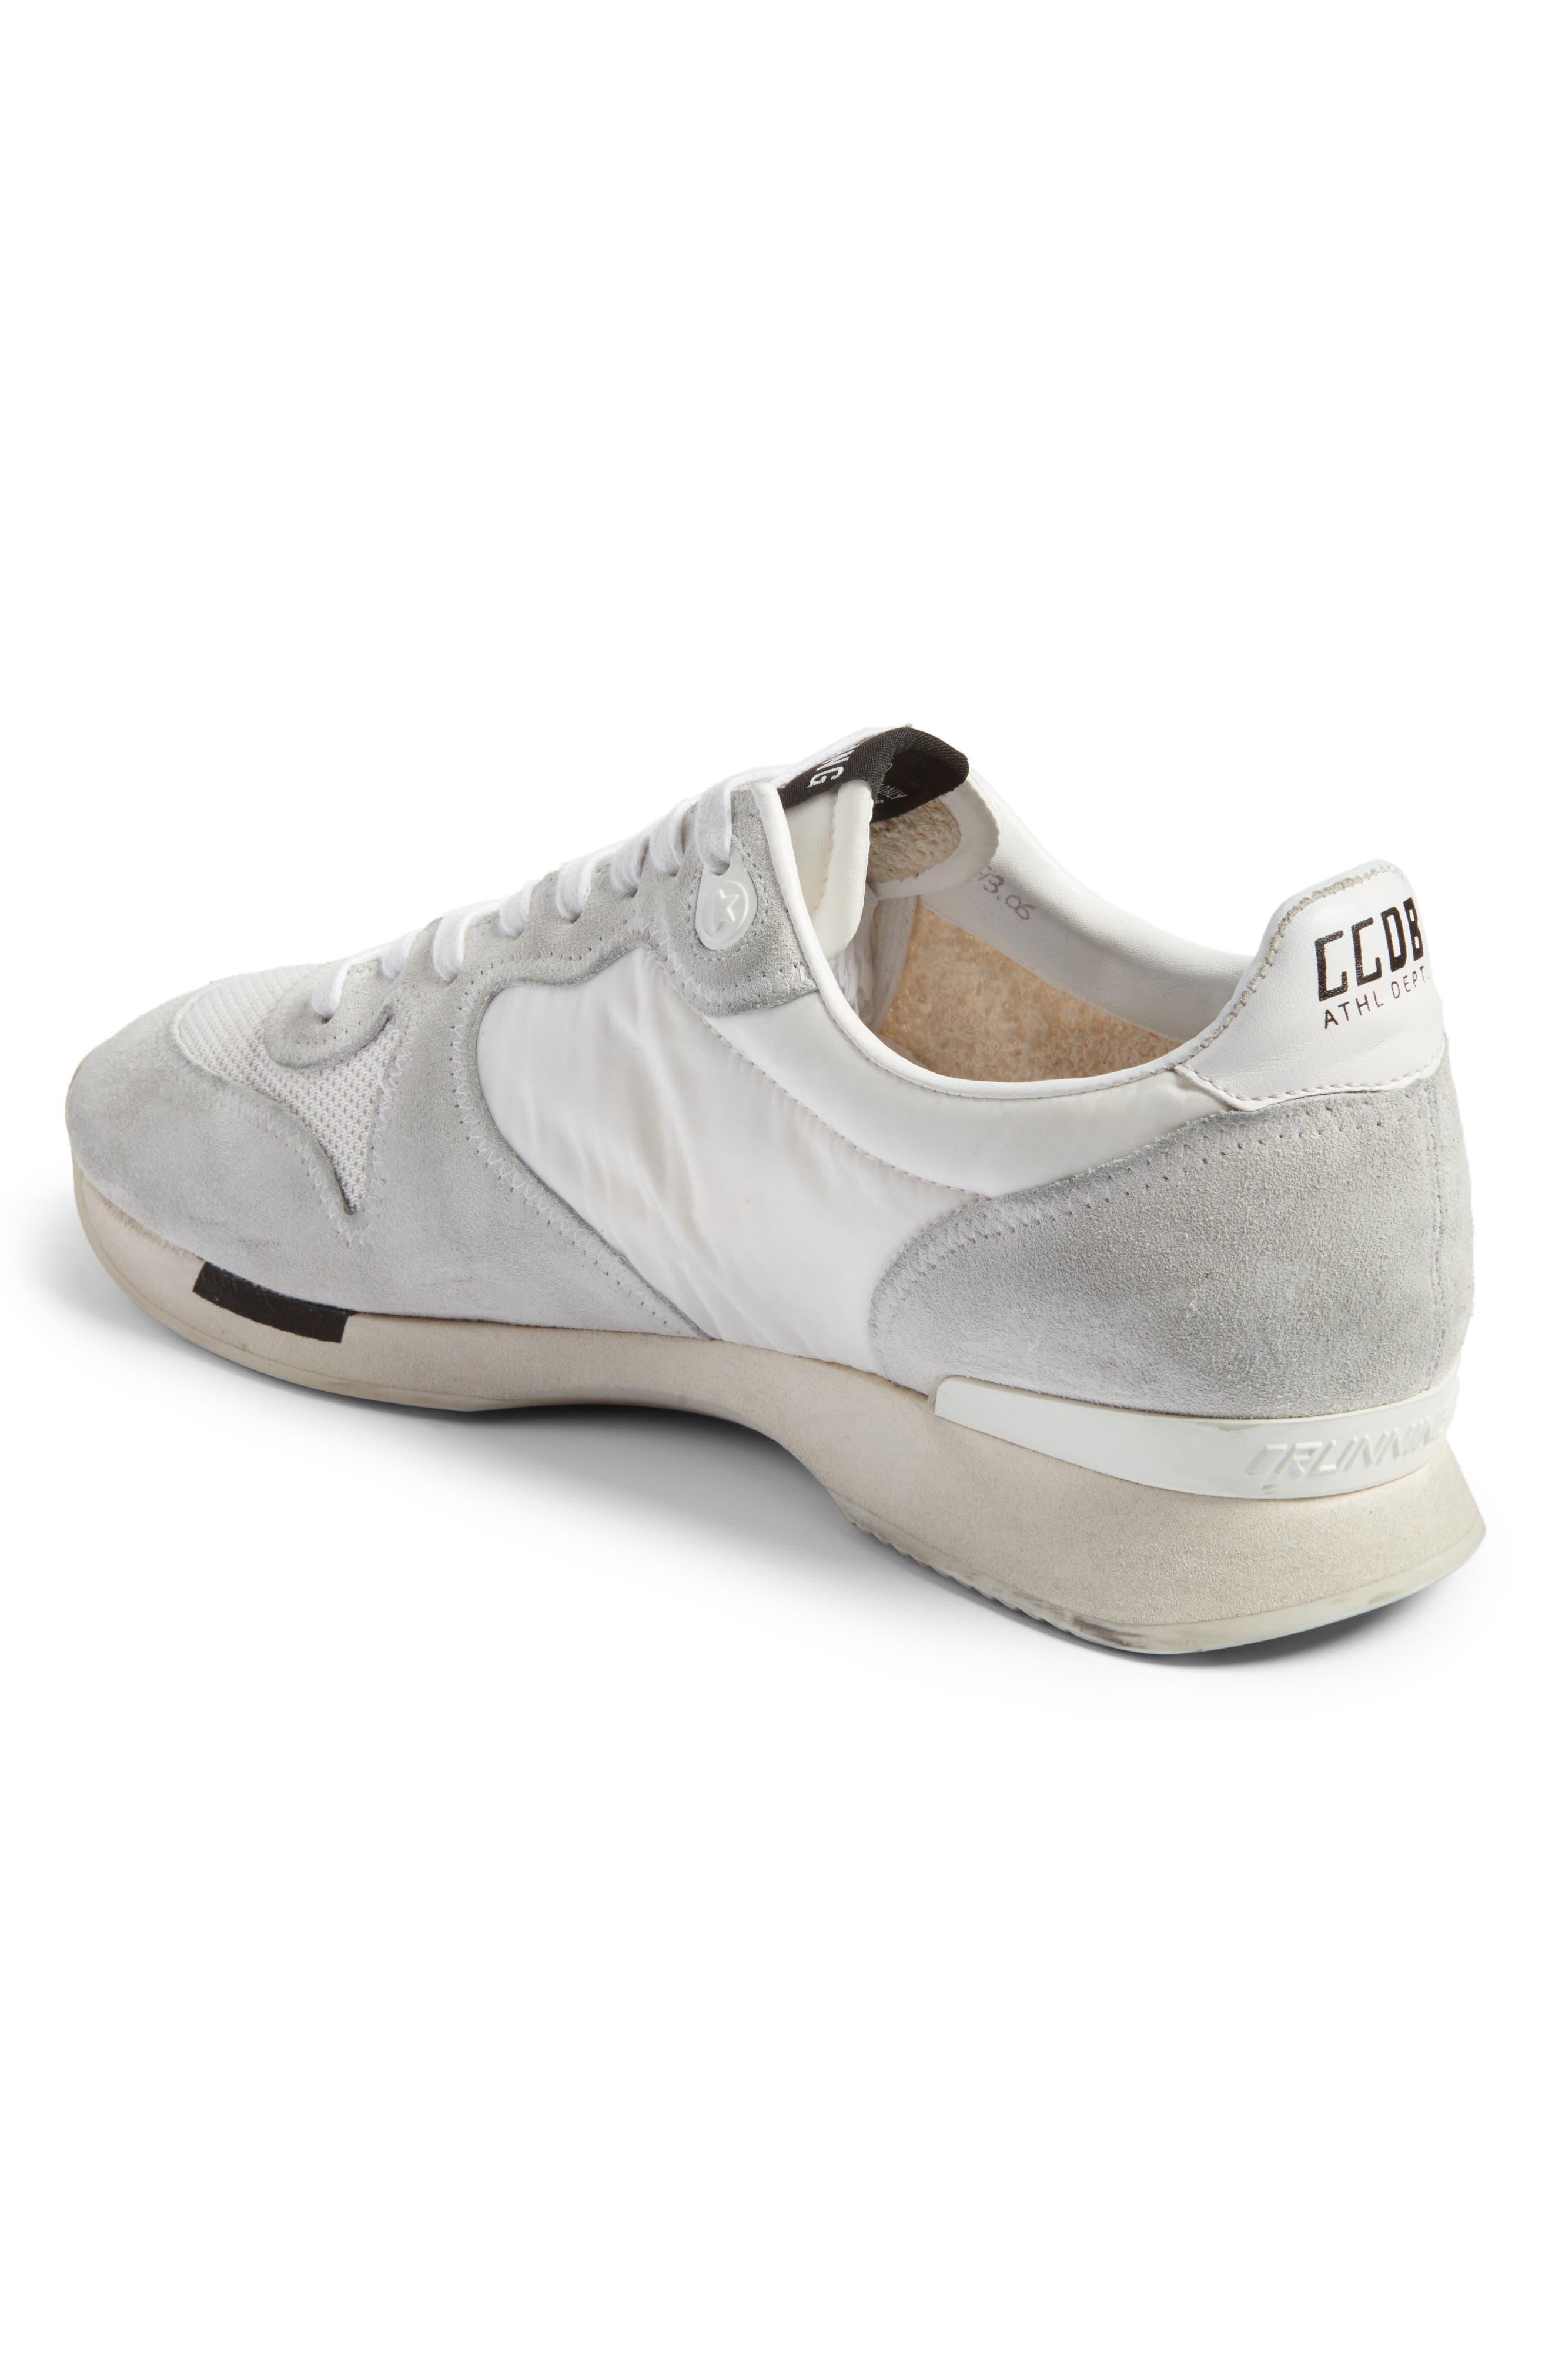 Running Trainer Sneaker,                             Alternate thumbnail 2, color,